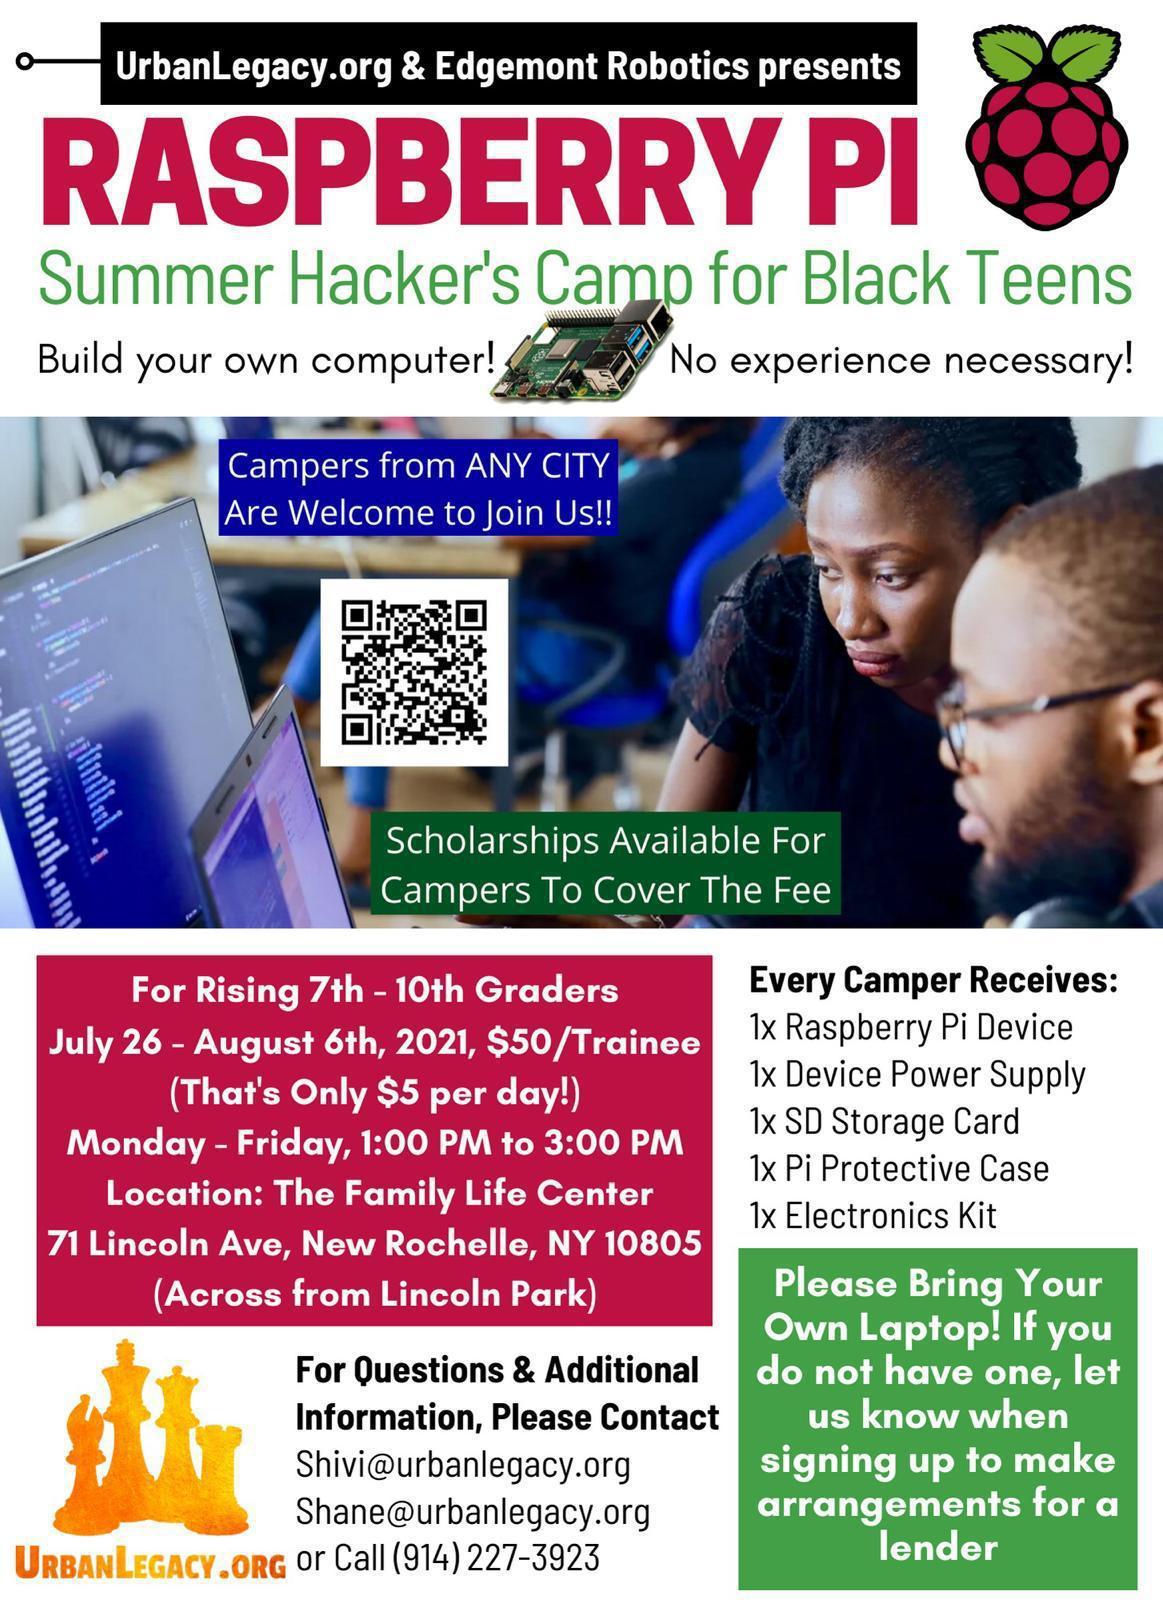 Summer STEM Hacker Camp for Black Teens in Westchester